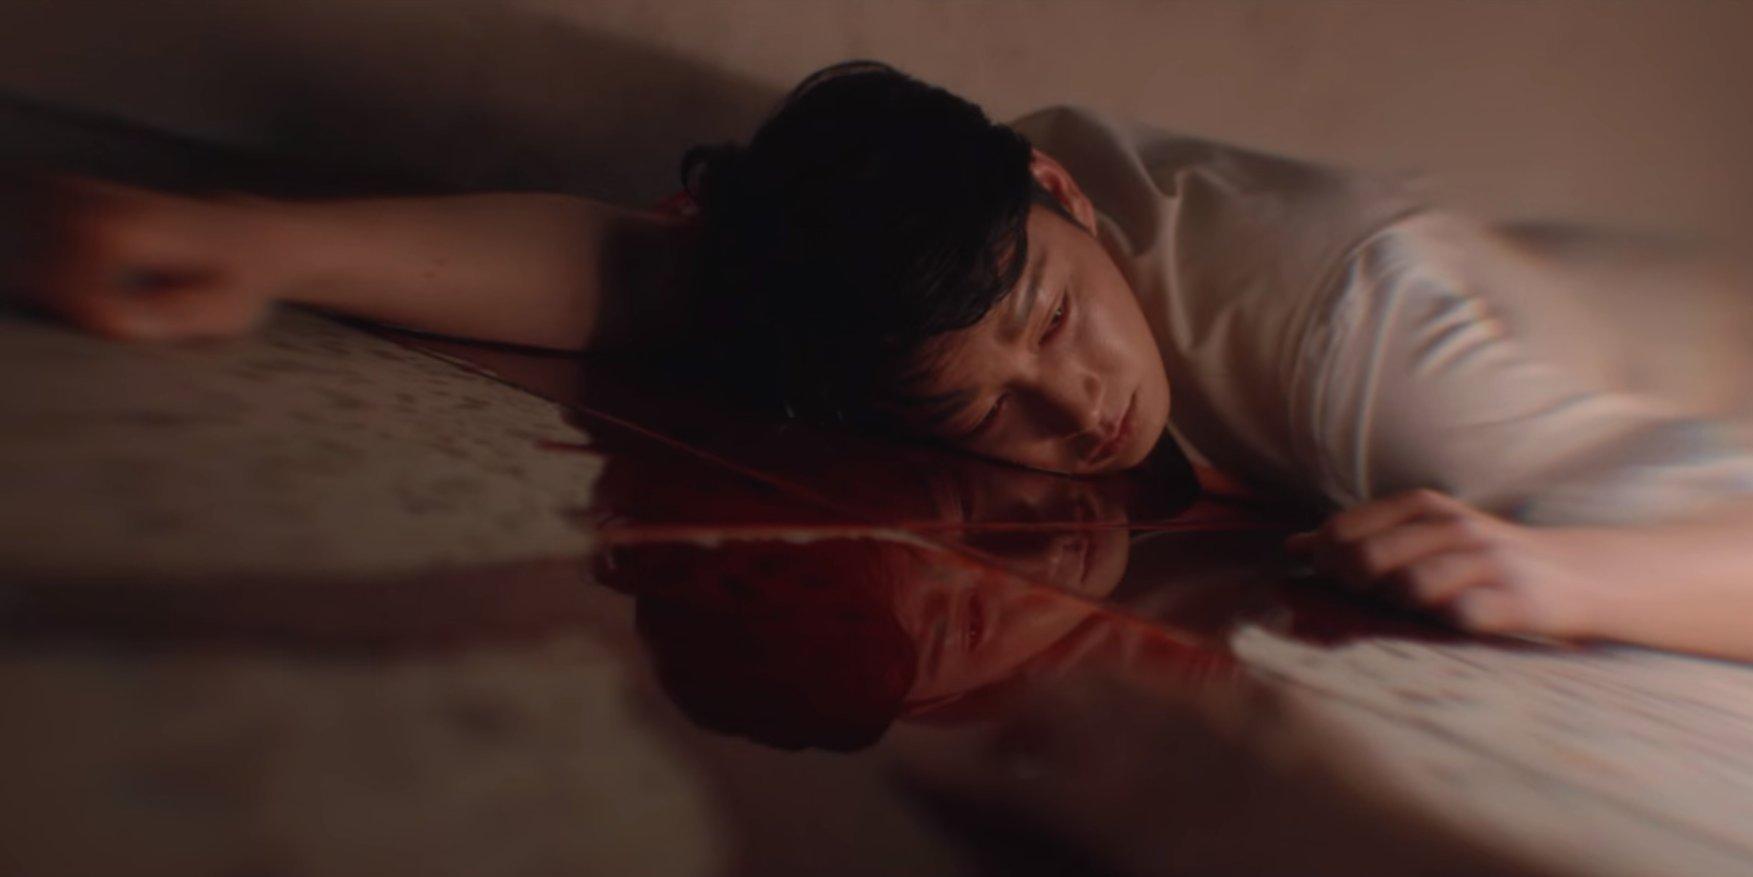 Drama Korea Mine Episode 9 Full Sub Indo,  Bersulang dengan Iblis